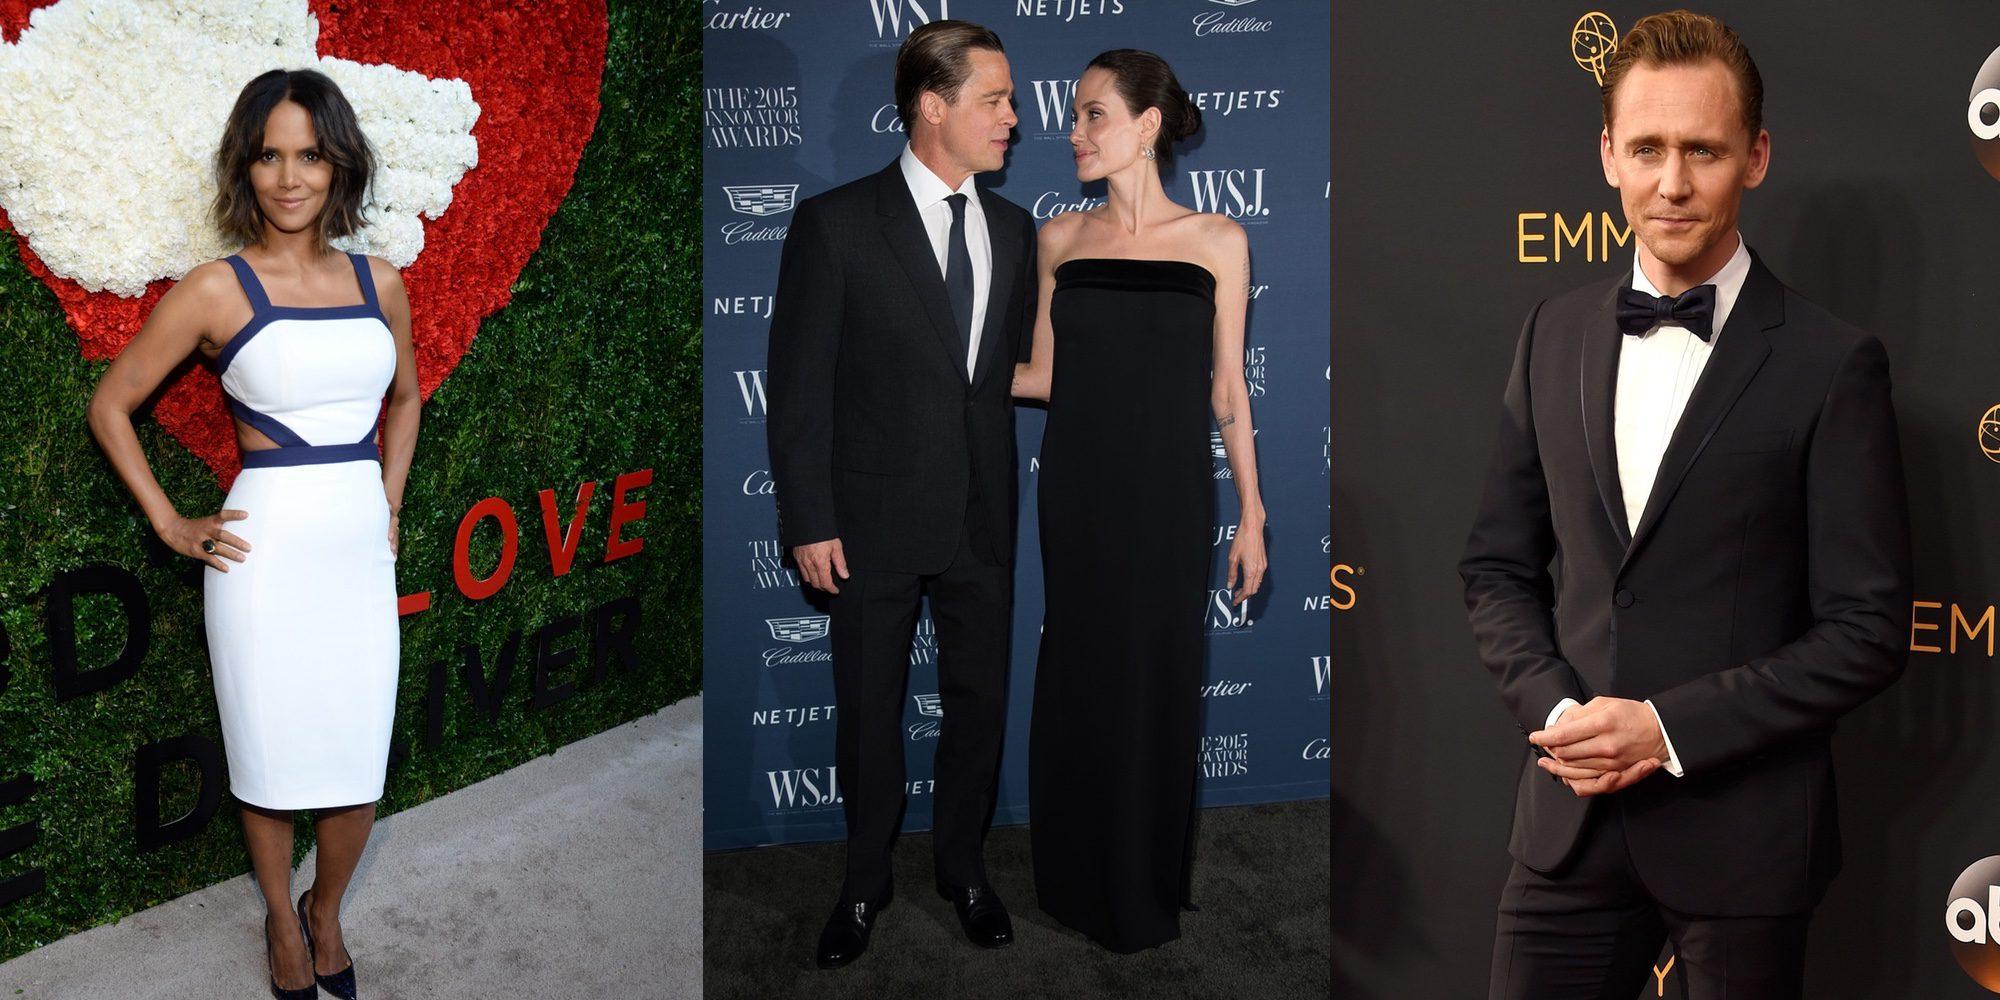 13 famosos y famosas con los que Angelina Jolie y Brad Pitt podrían superar su divorcio